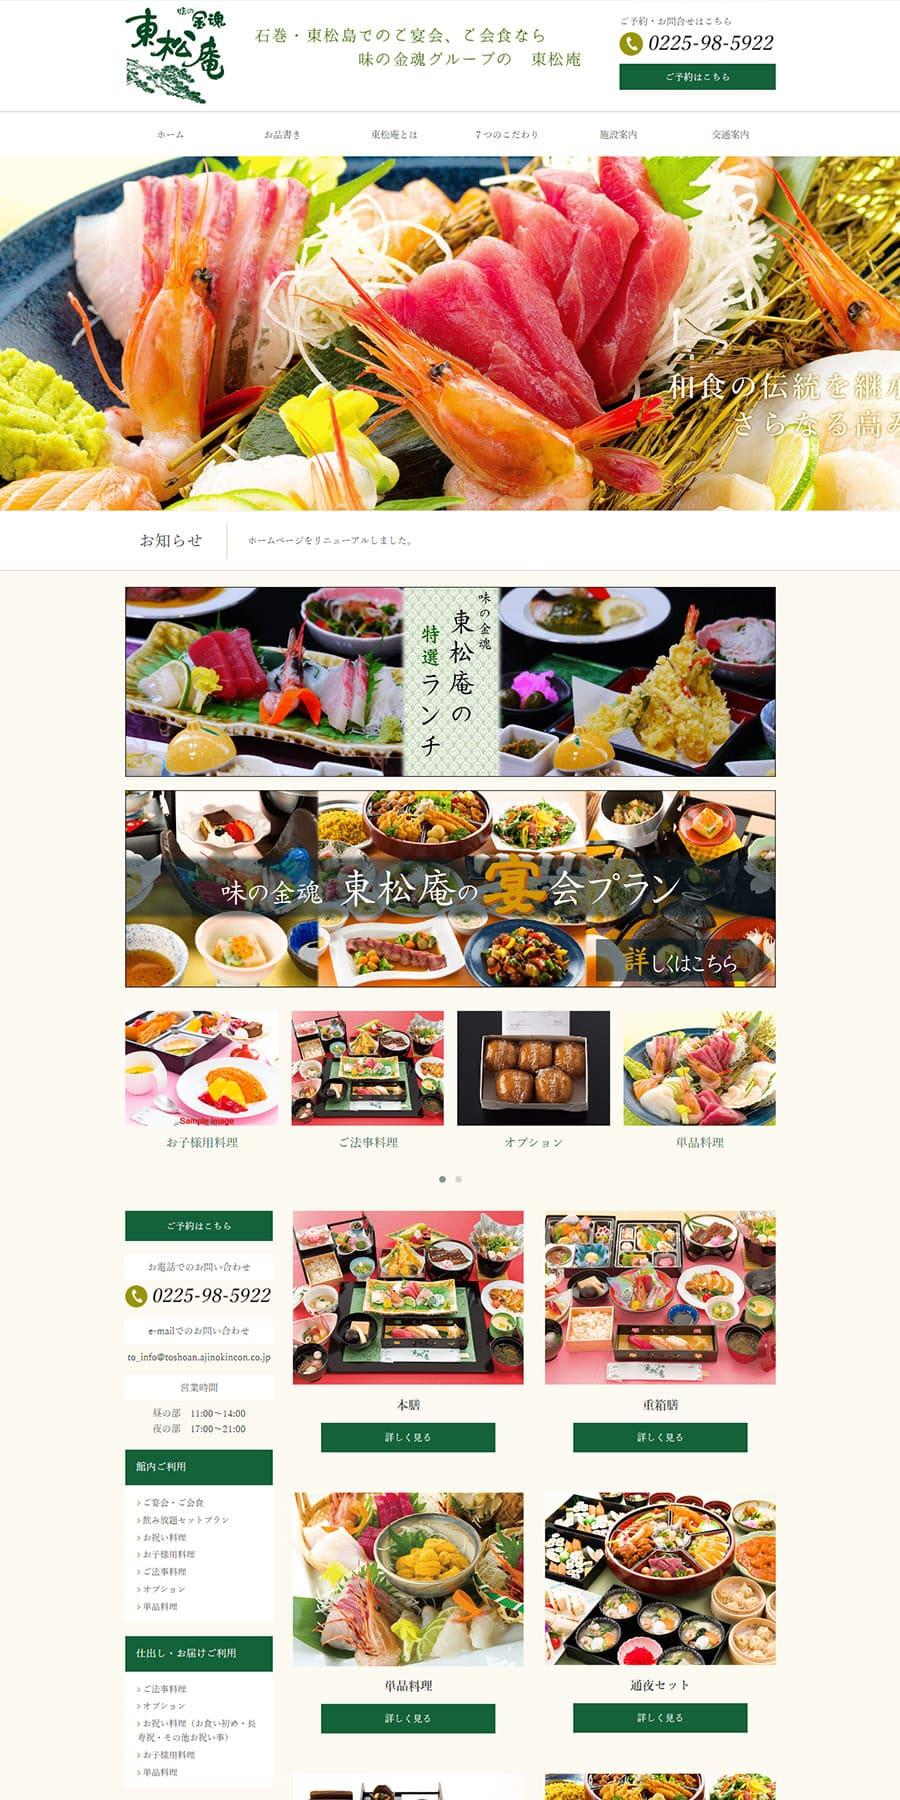 宮崎県仙台の仙台料亭・和食会館ホームページリニューアル